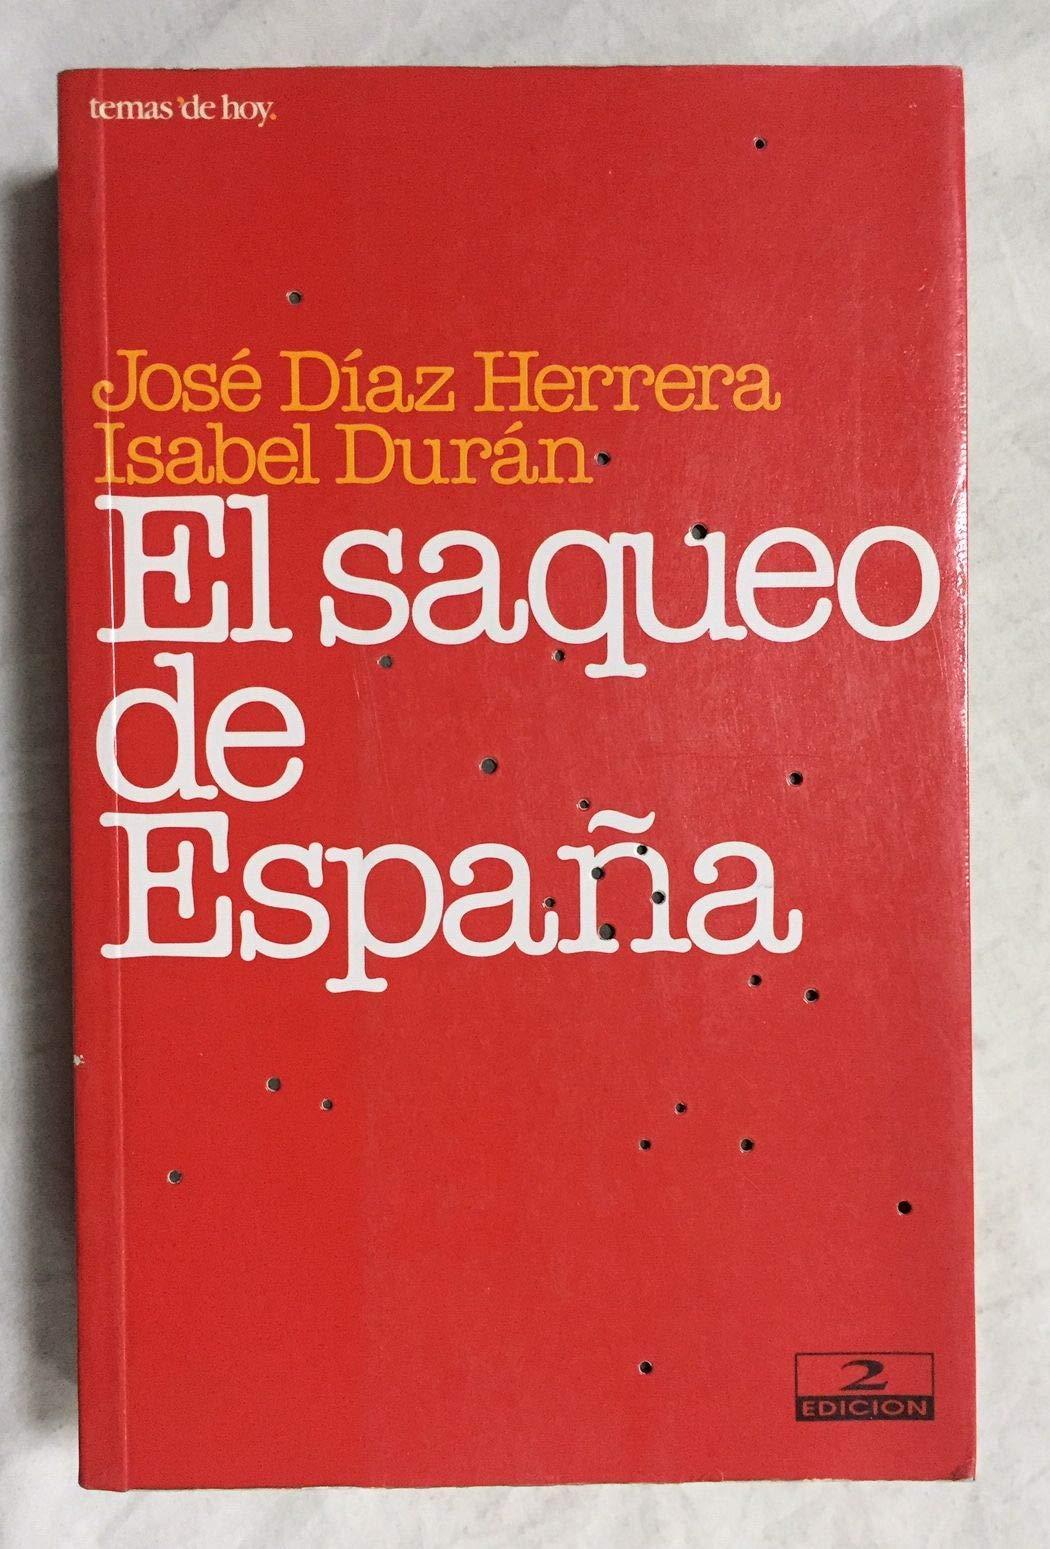 El saqueo de España: Amazon.es: Jose Diaz Herrera, Isabel Duran: Libros